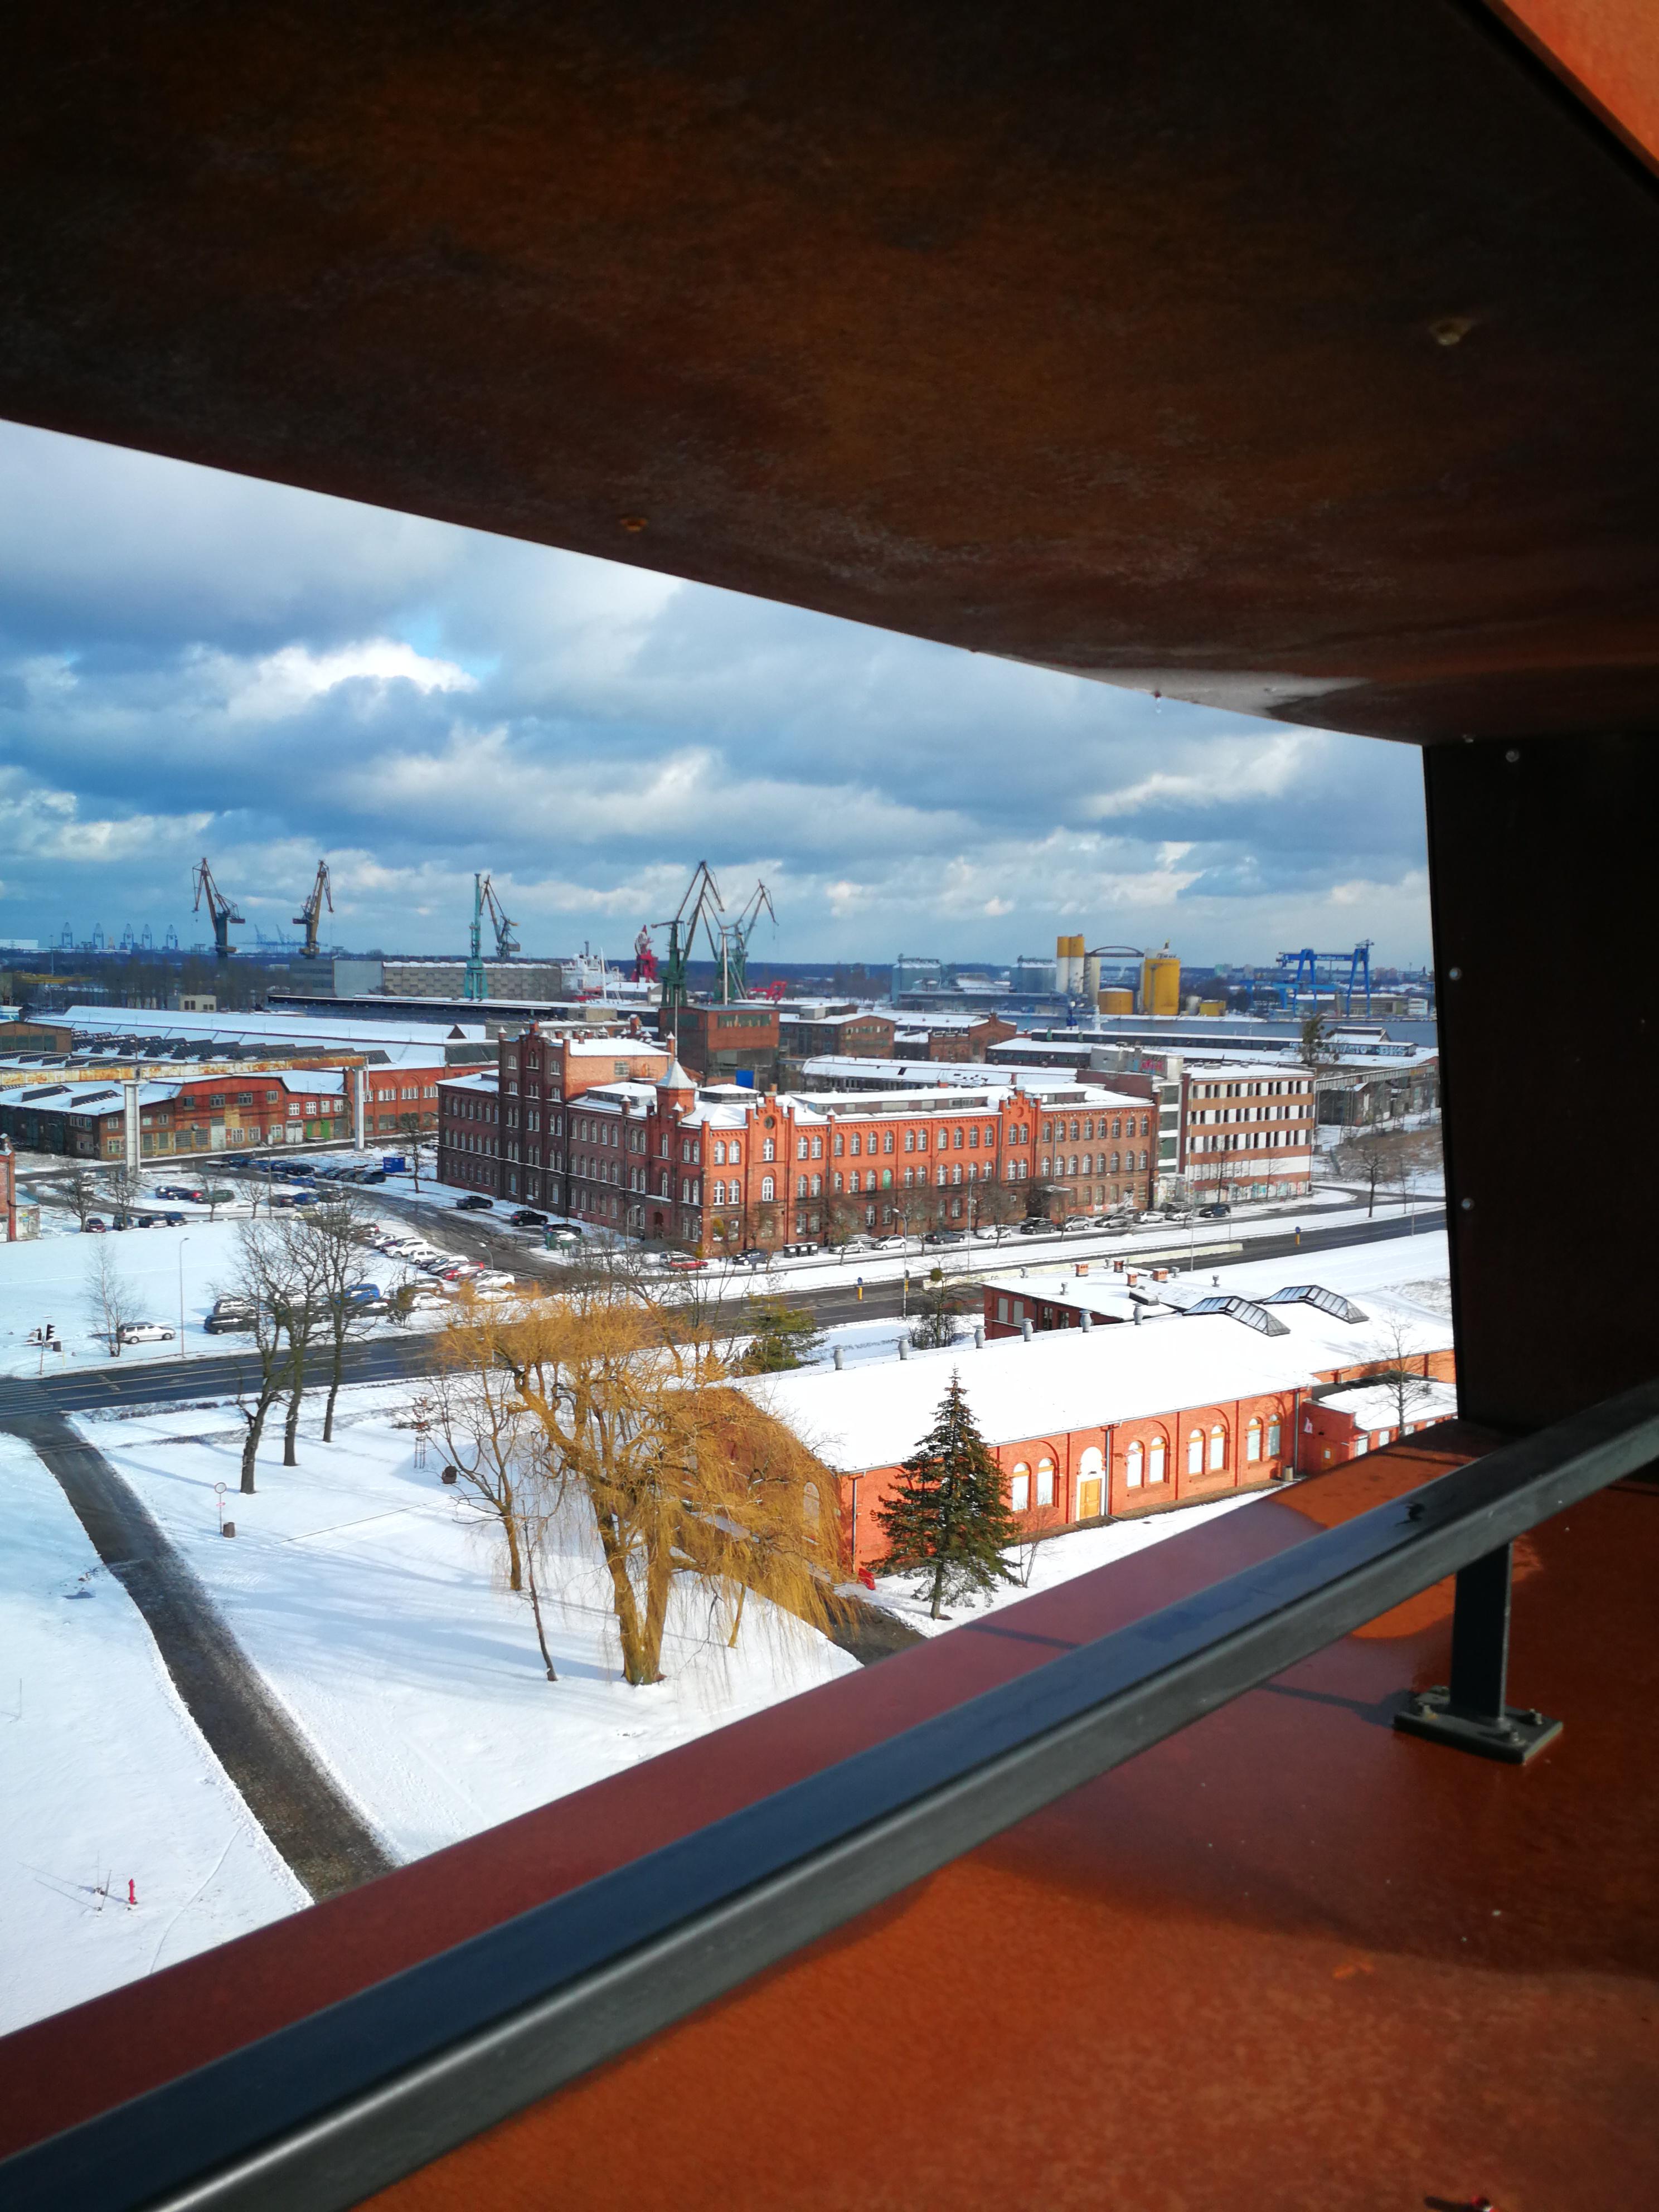 Vista desde el mirador del Centro Europeo de la Solidaridad; Foto Ania Anna Kotula de Tour Guide Service Gdansk